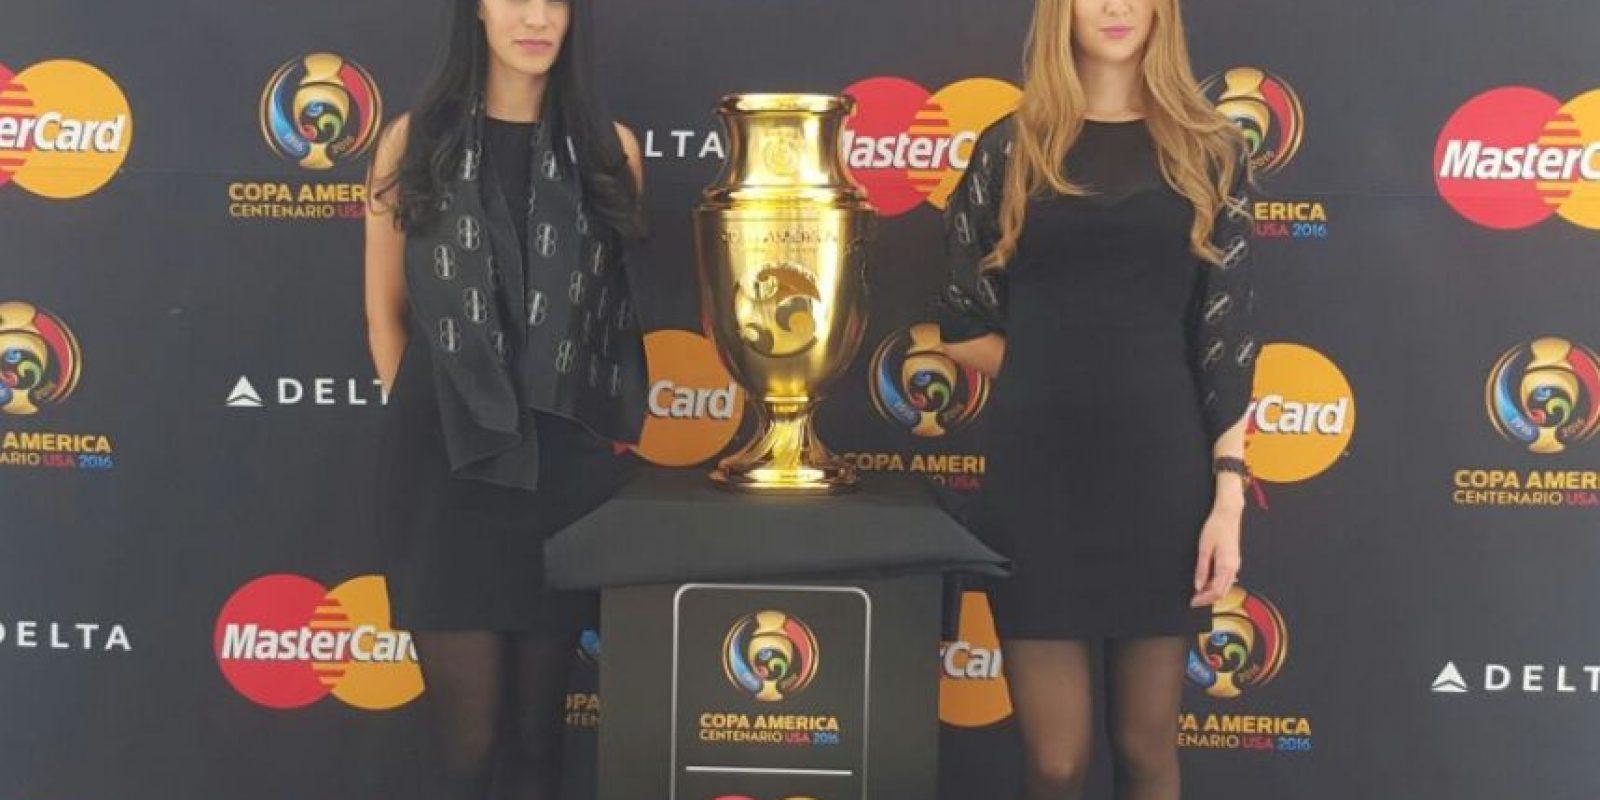 Presentan el trofeo de la Copa América en México Foto:Karina Bobadilla